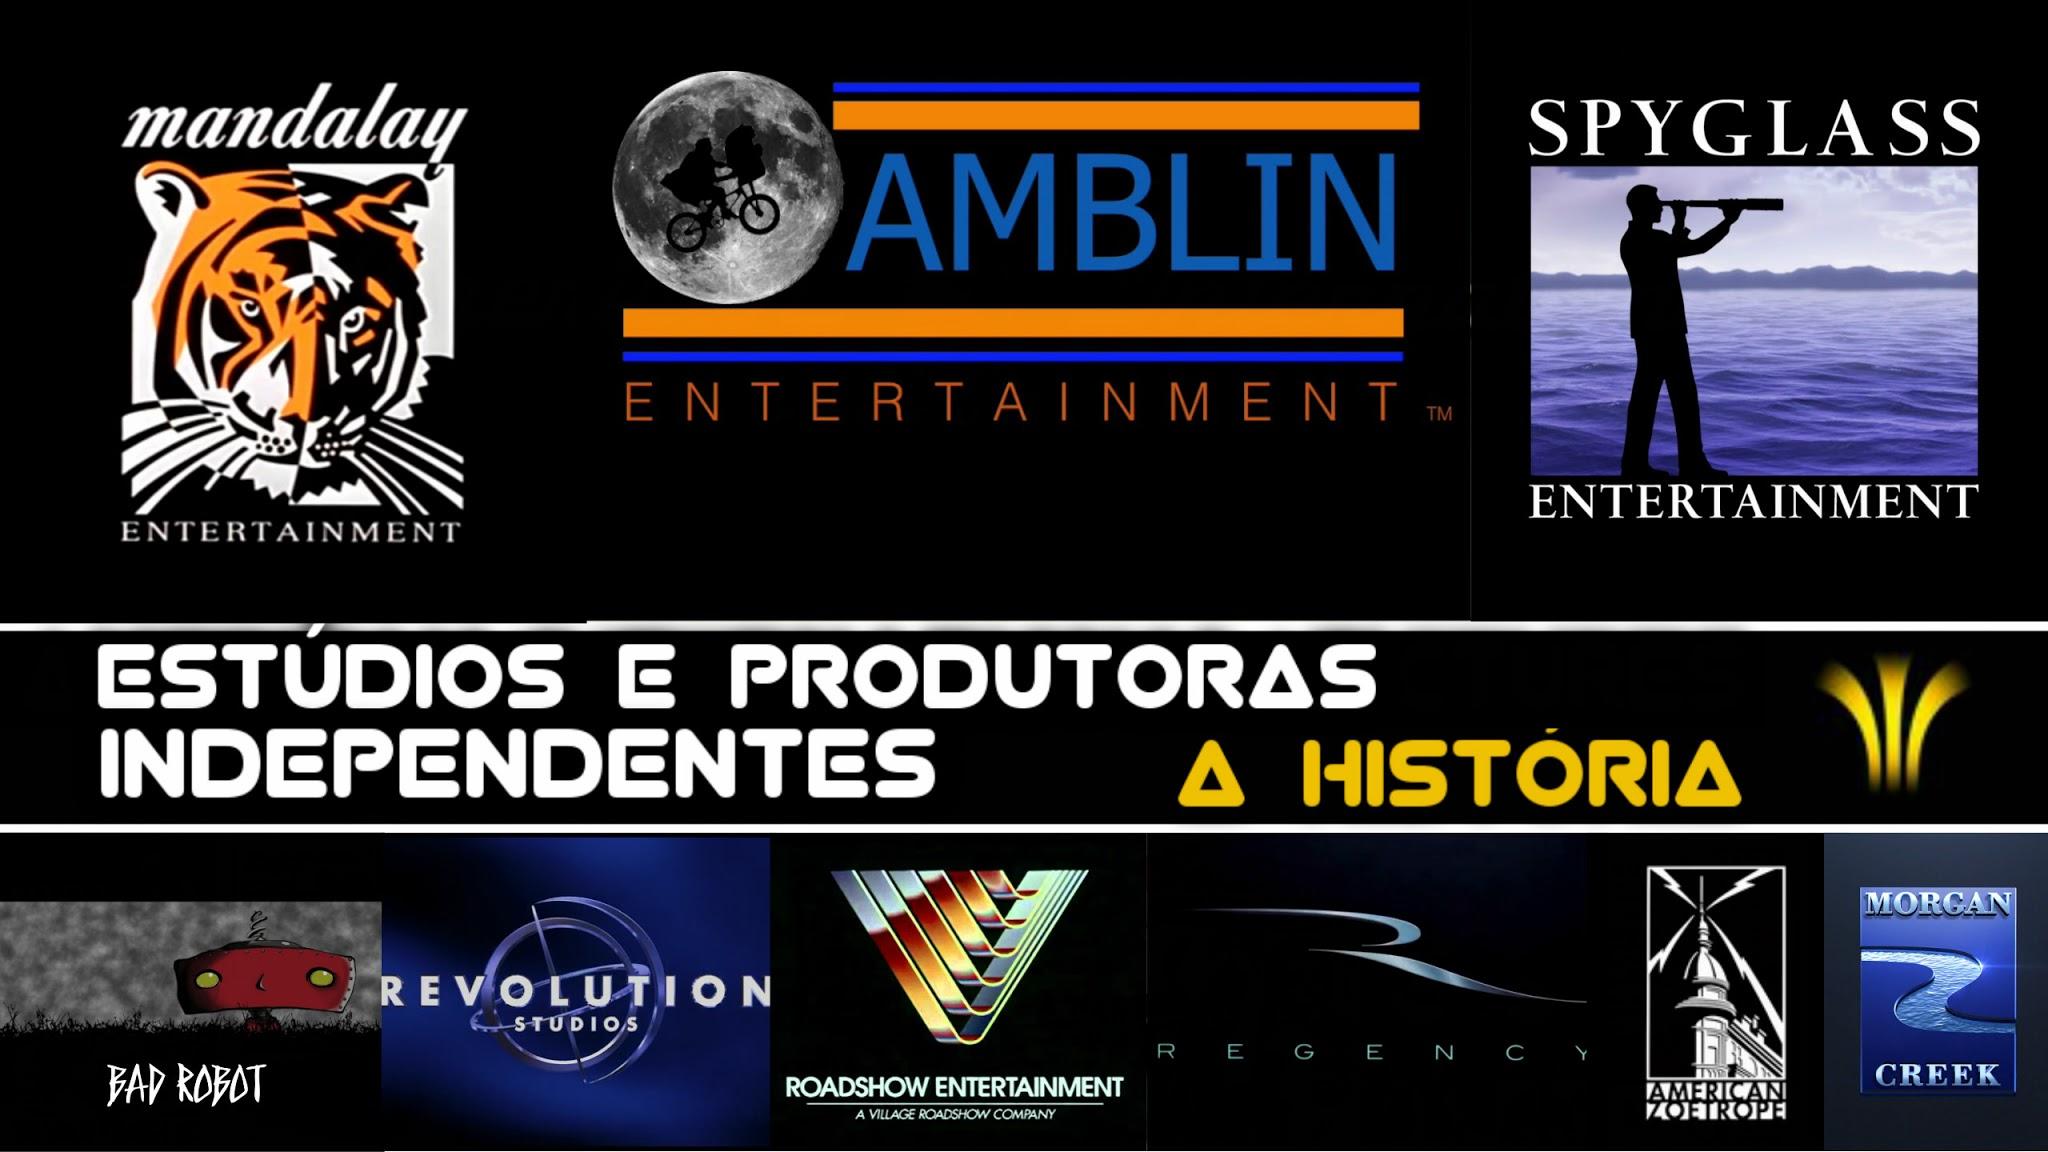 estudios-e-produtoras-independentes